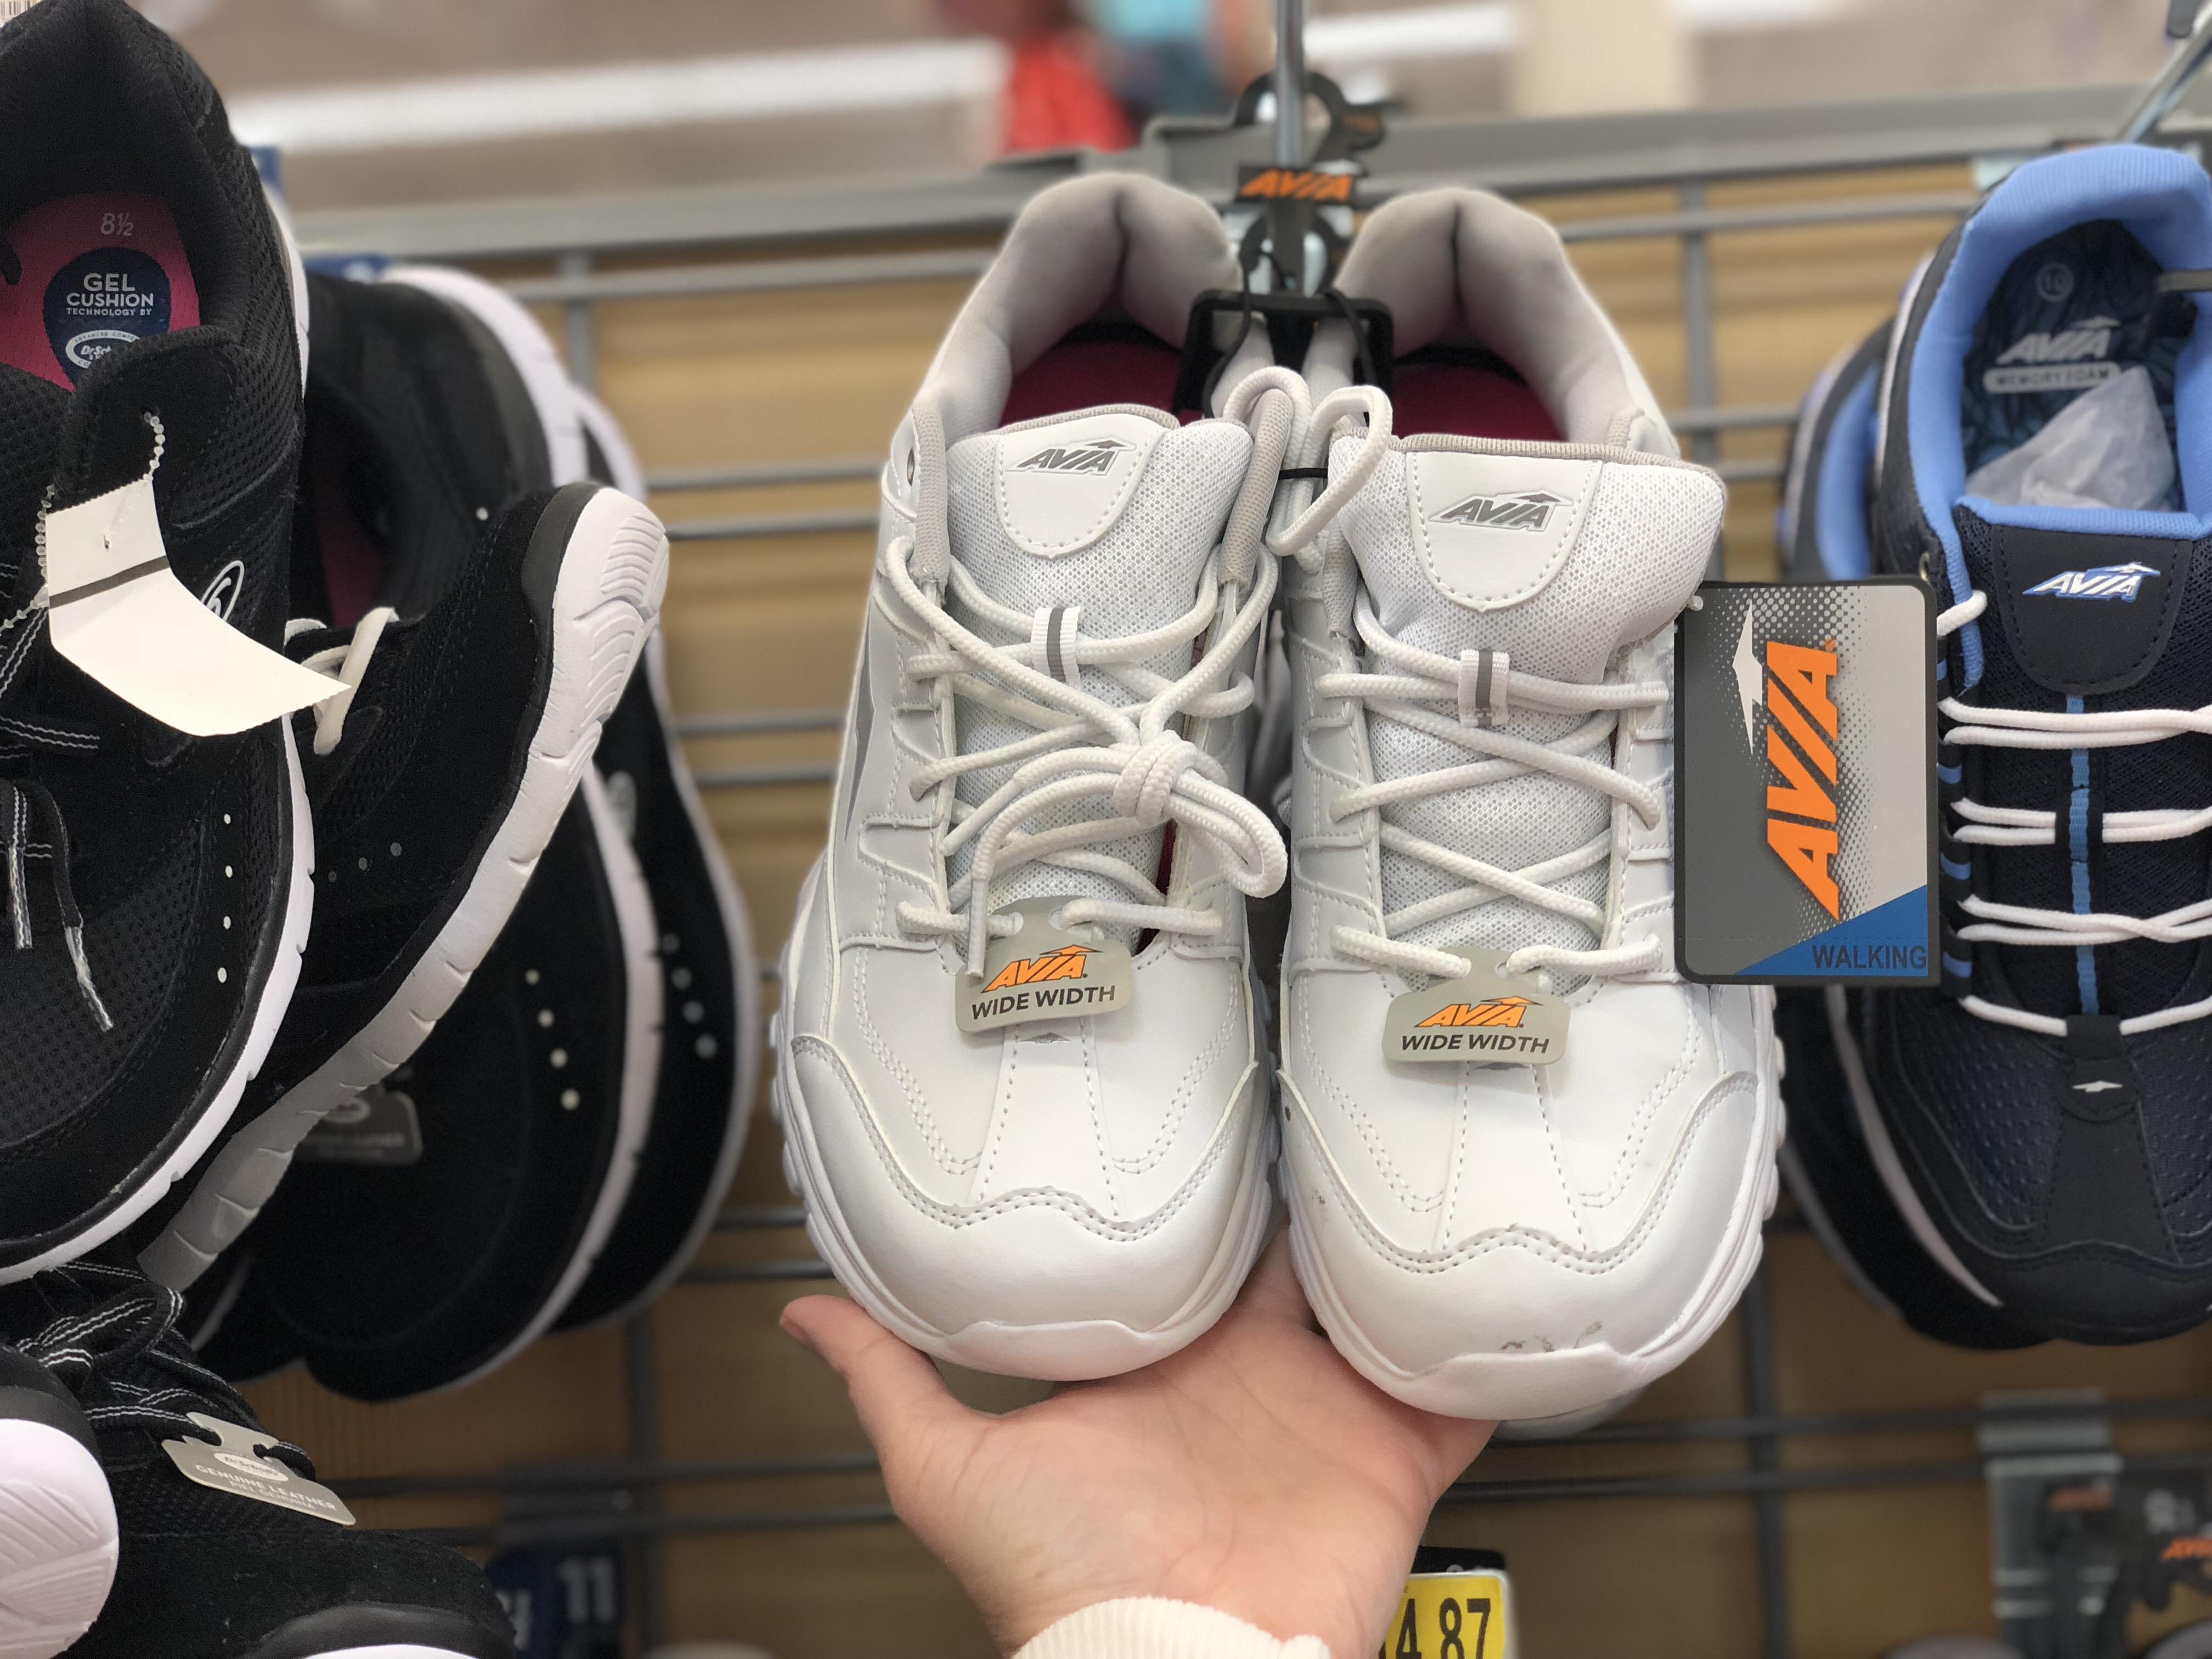 Avia Women's Wide Width Walking Shoes